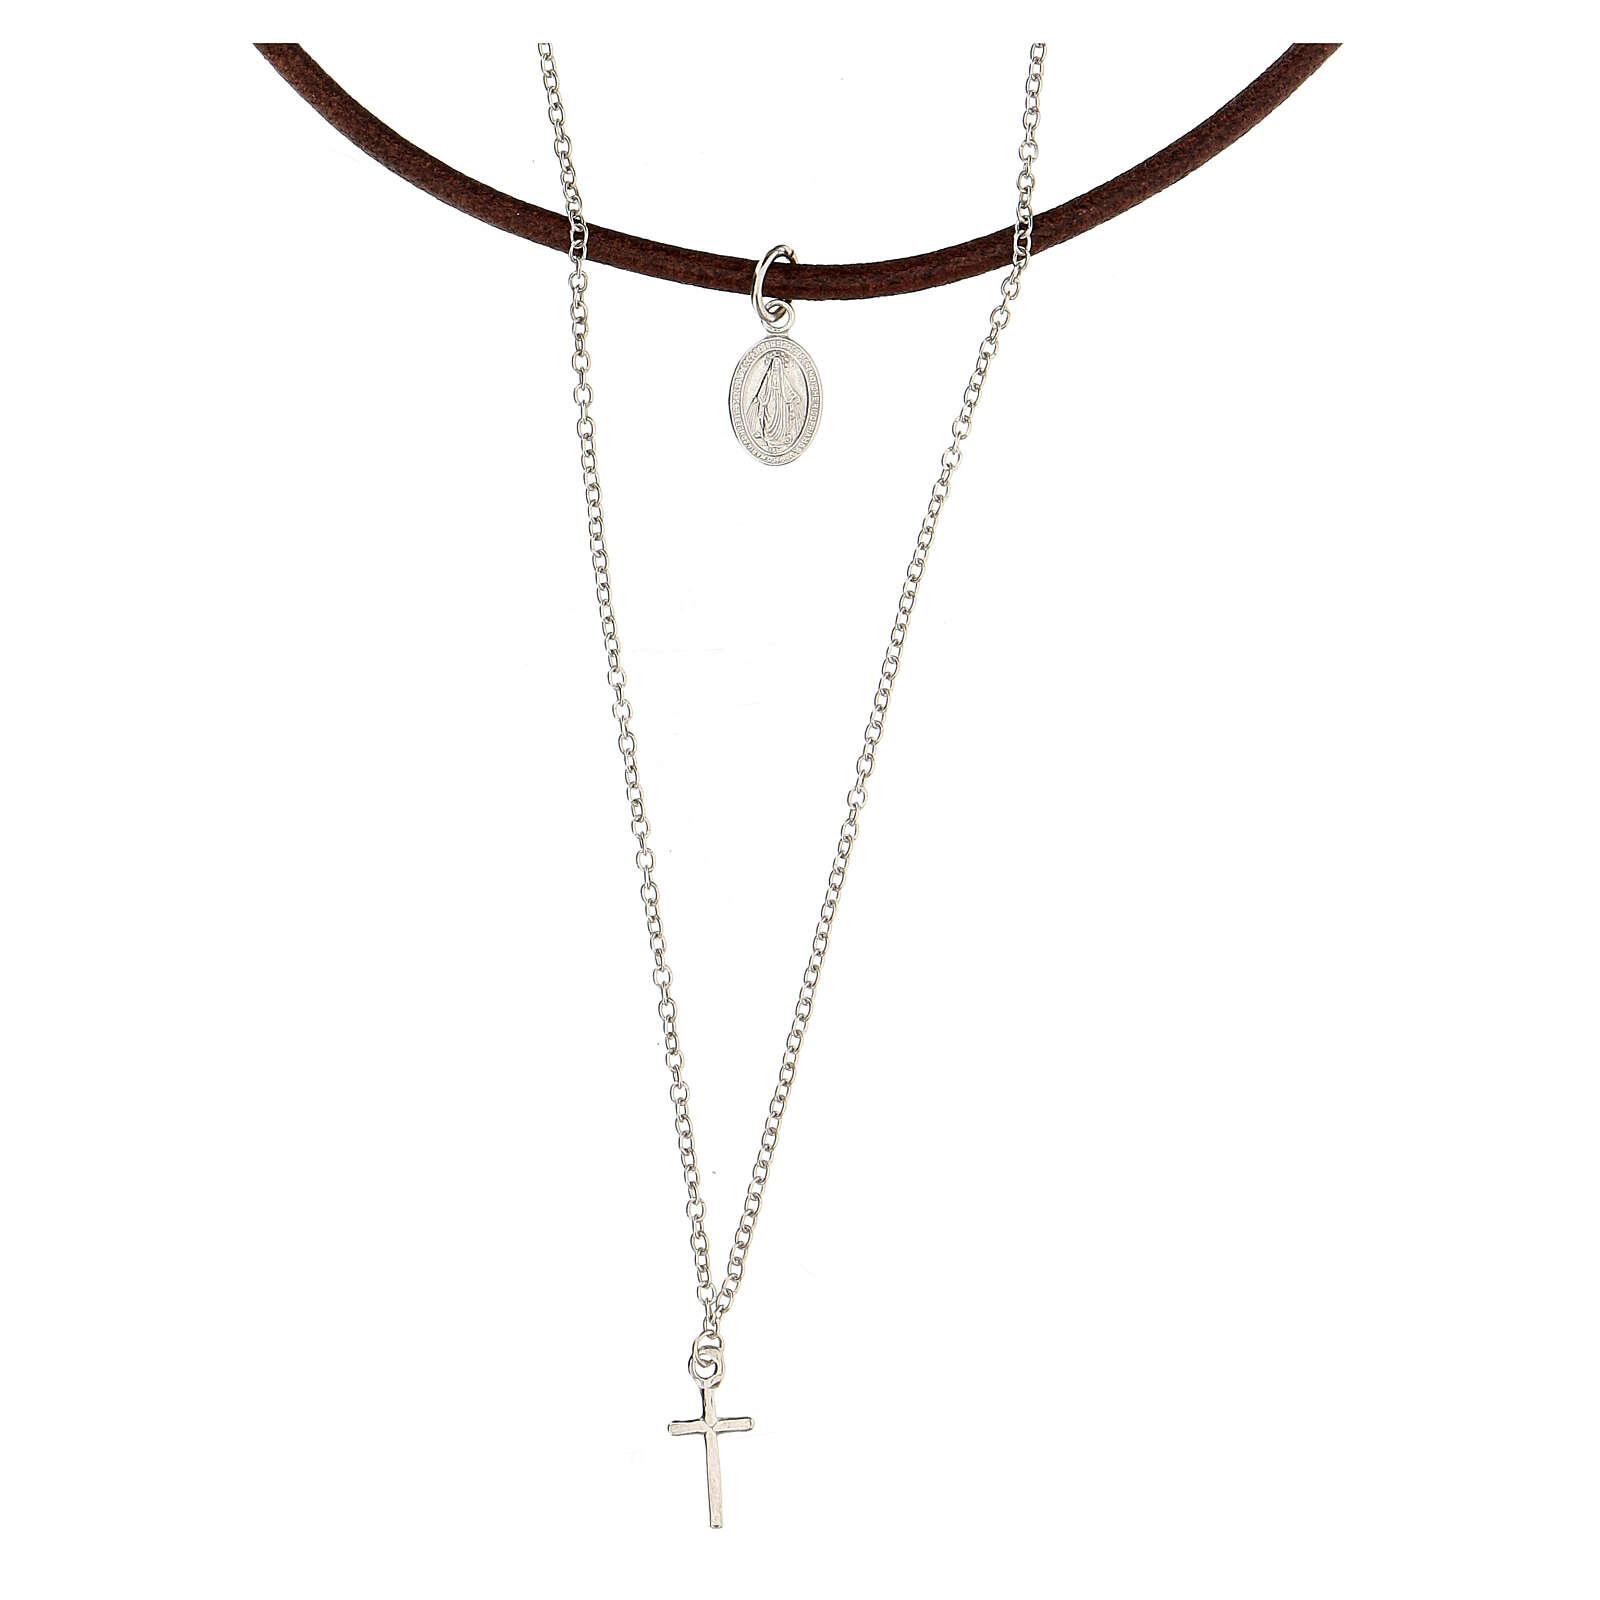 Doppio girocollo croce medaglia argento 925 cuoio 4